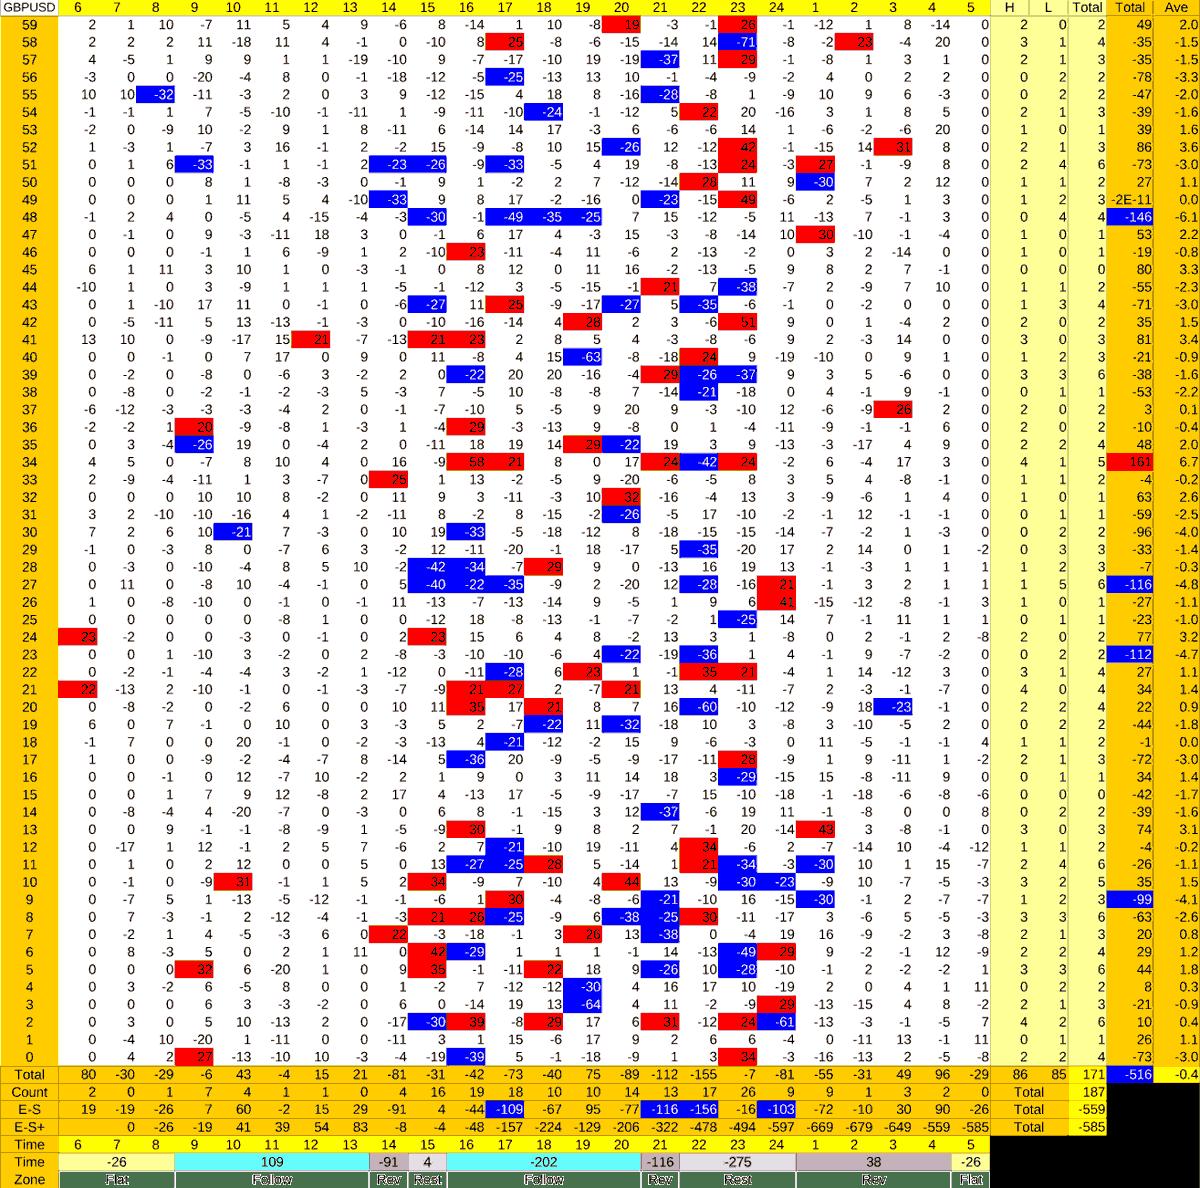 20210611_HS(2)GBPUSD